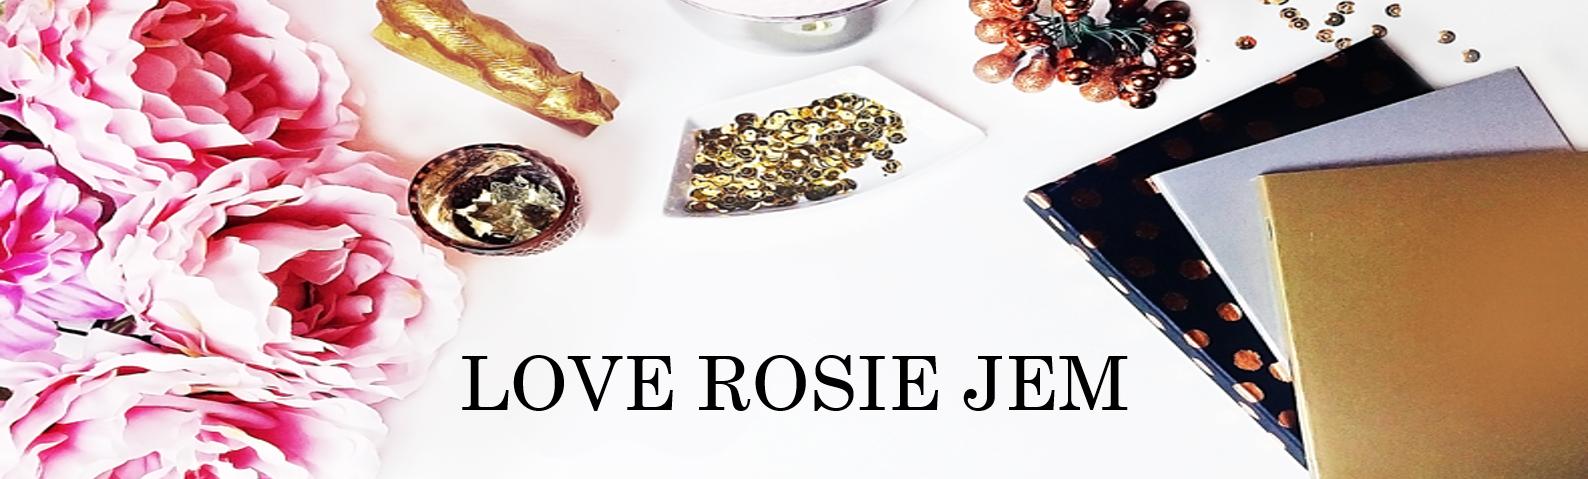 Love Rosie Jem